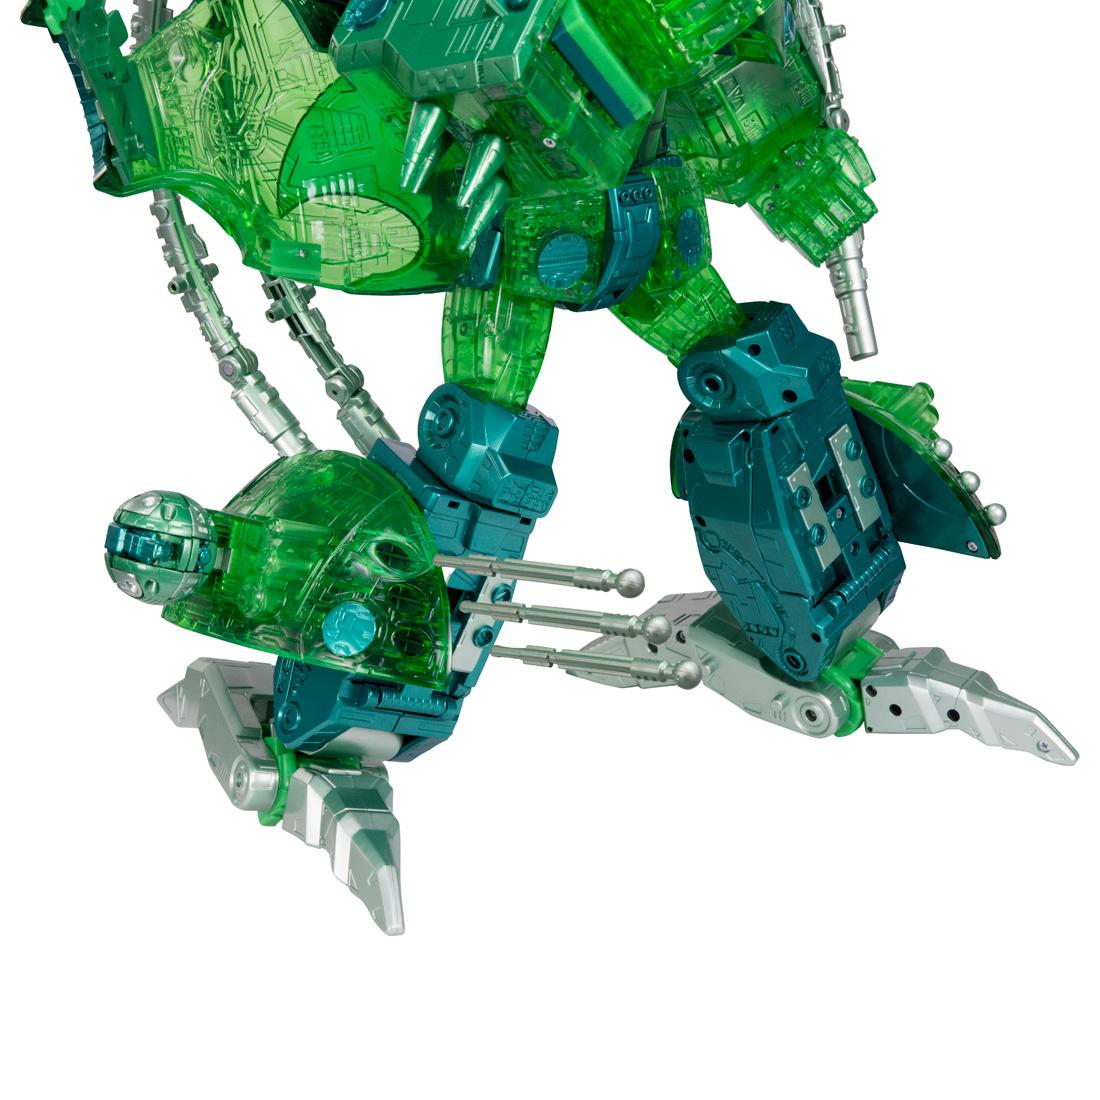 トランスフォーマー アンコール『ユニクロン(マイクロン集合体カラー)』可変可動フィギュア-009